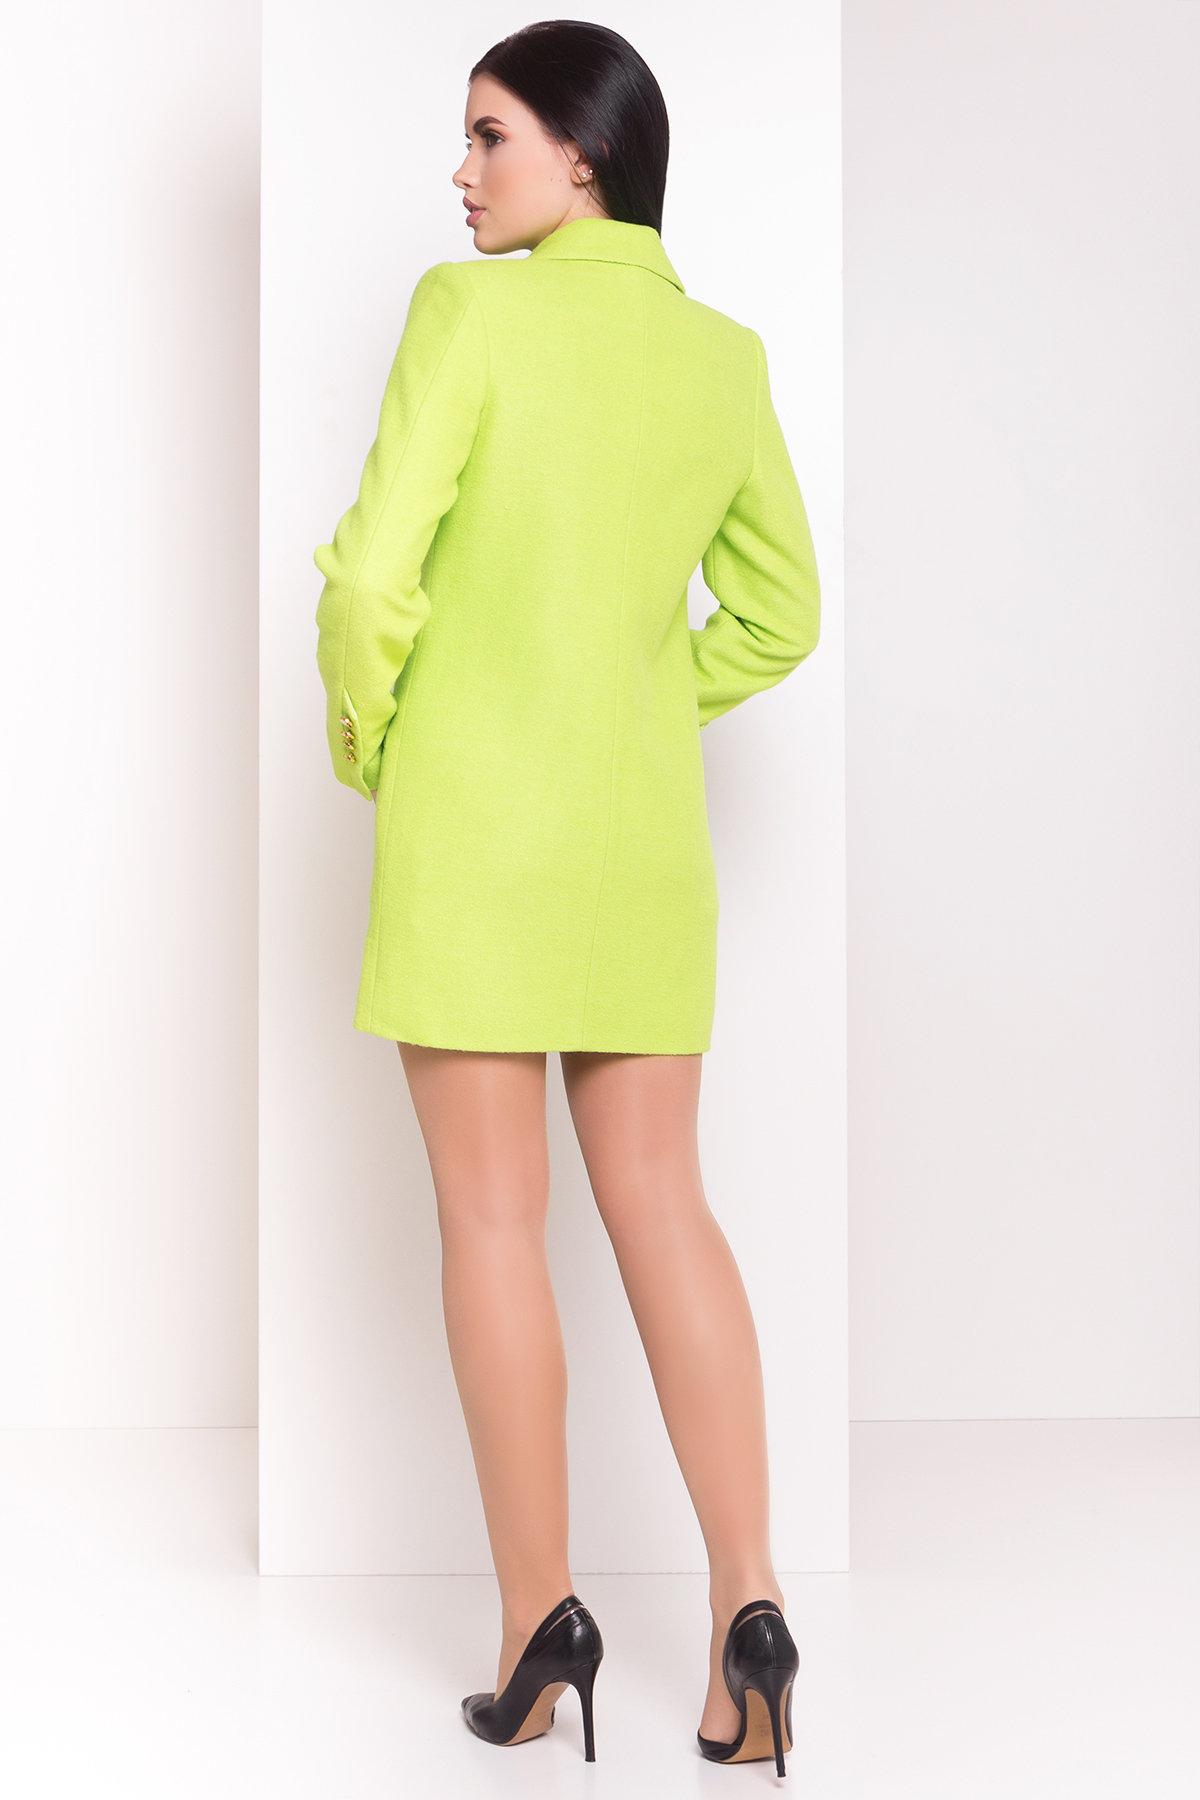 Пальто Кайра 1619 АРТ. 9290 Цвет: Салат - фото 2, интернет магазин tm-modus.ru